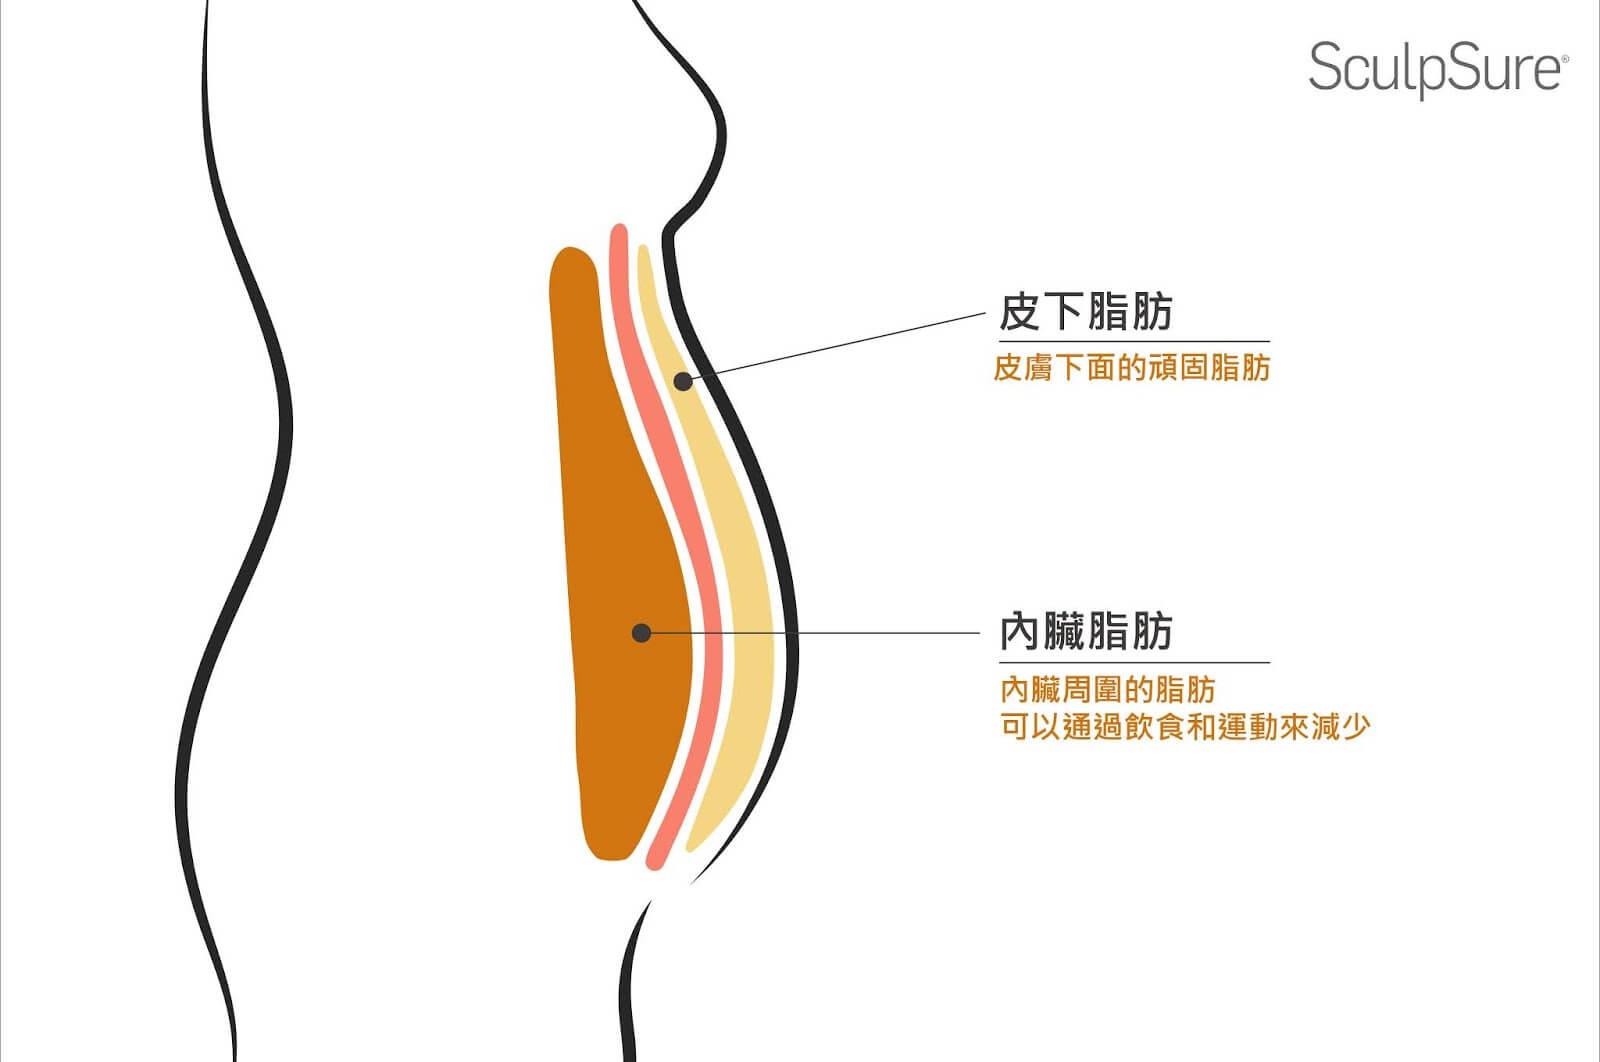 腹部脂肪位置說明